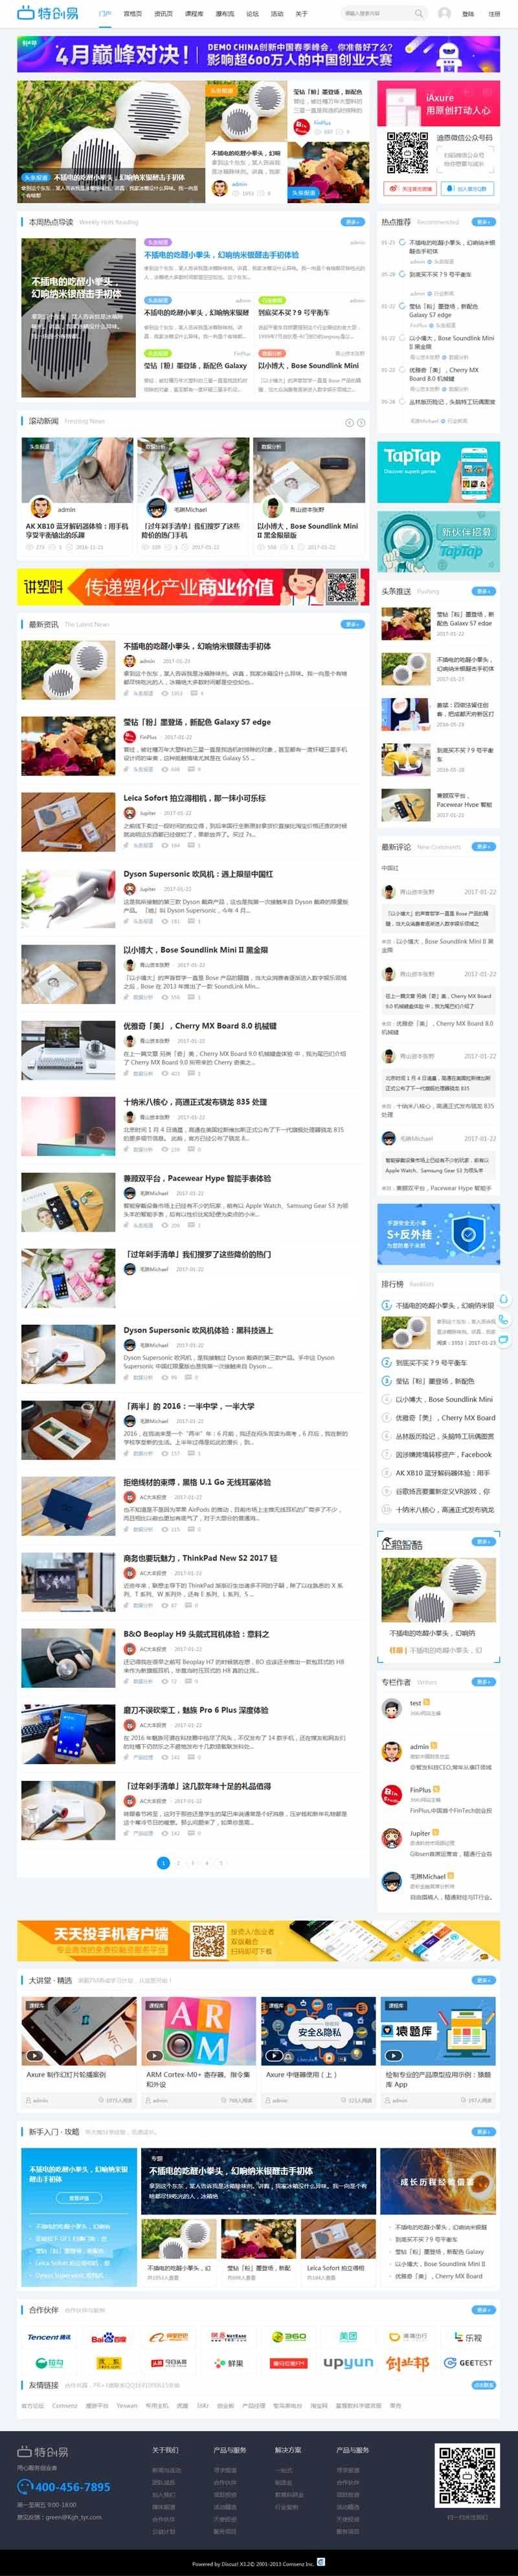 【discuz模板下载】亲测精品资讯博客自媒体网站vip商业模板(百度网盘资源)